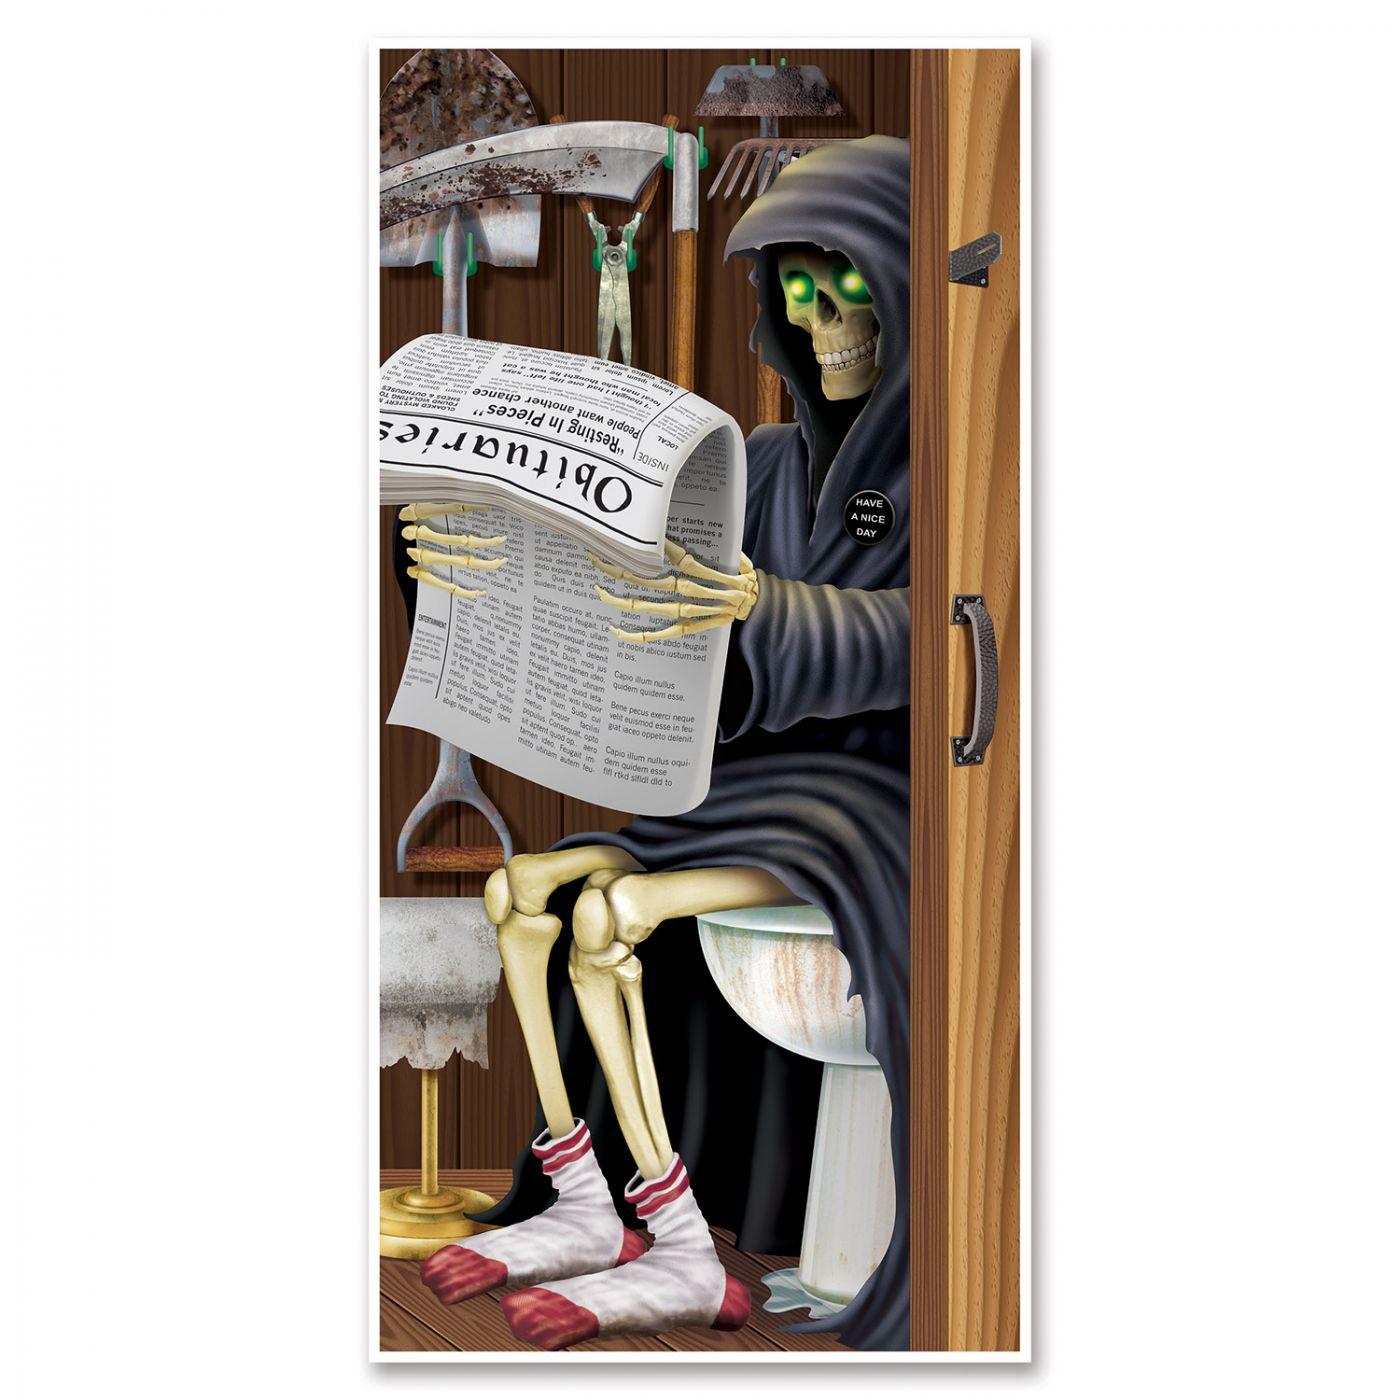 Grim Reaper Restroom Door Cover image